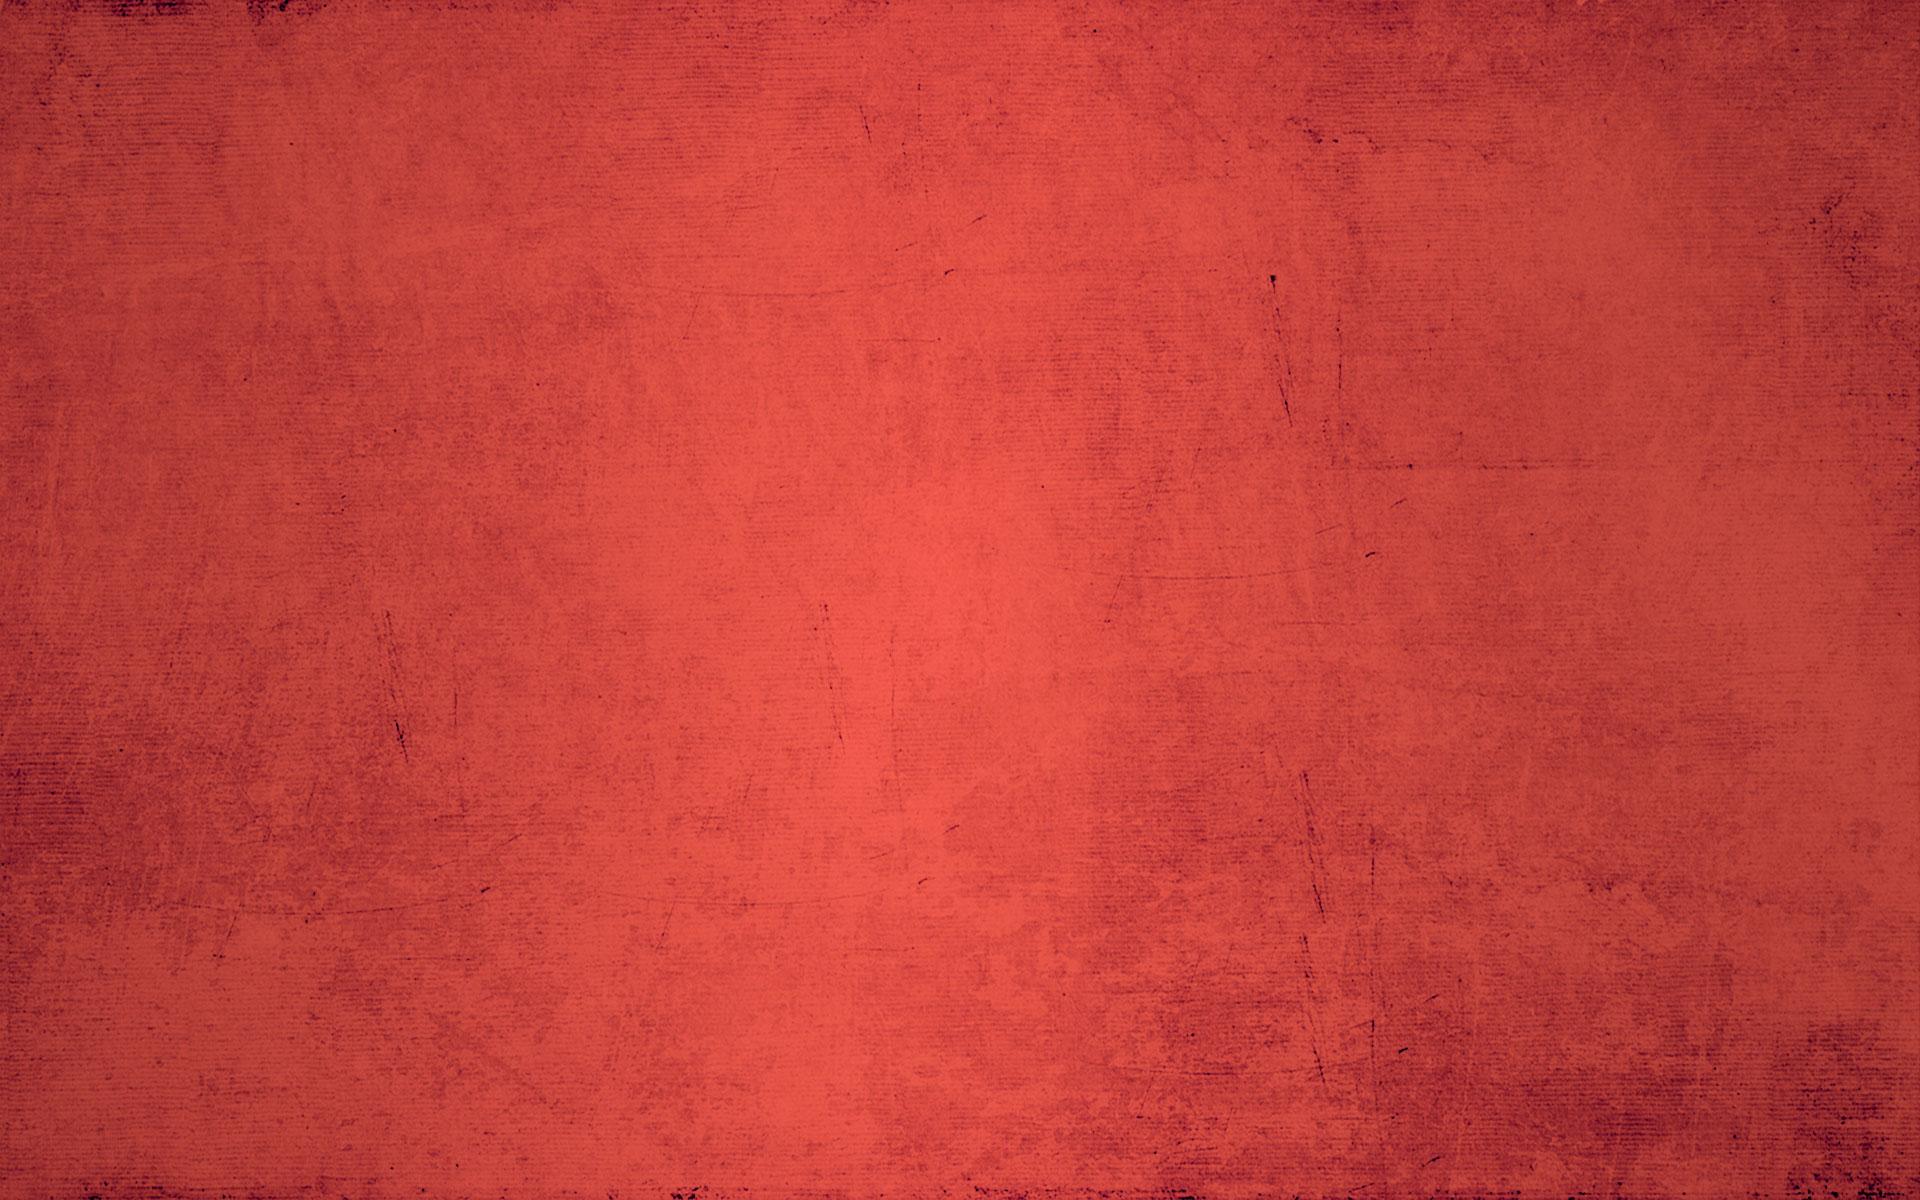 Texturas fondo rojo - 1920x1200